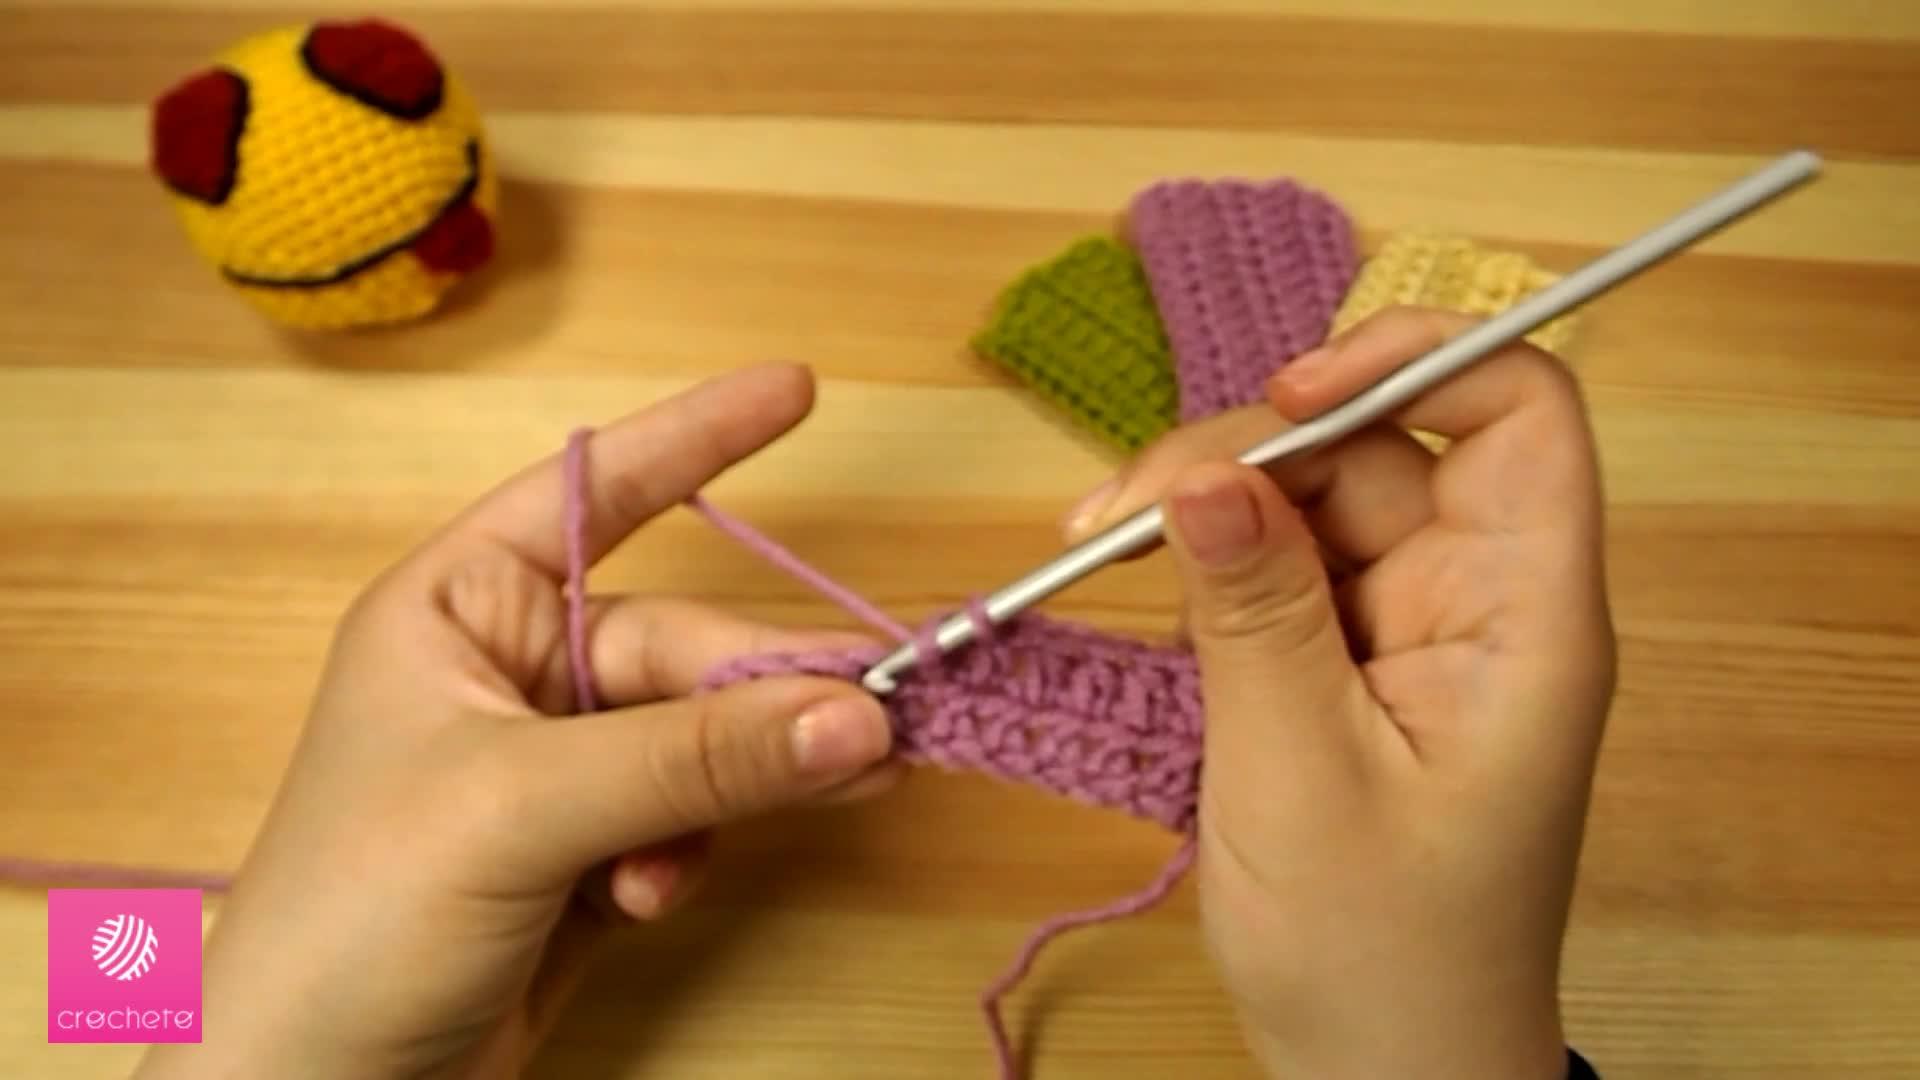 تعليم الكروشيه غرزة النصف عمود - Learn how to Crochet for beginners Half Double Crochet Stitch 6